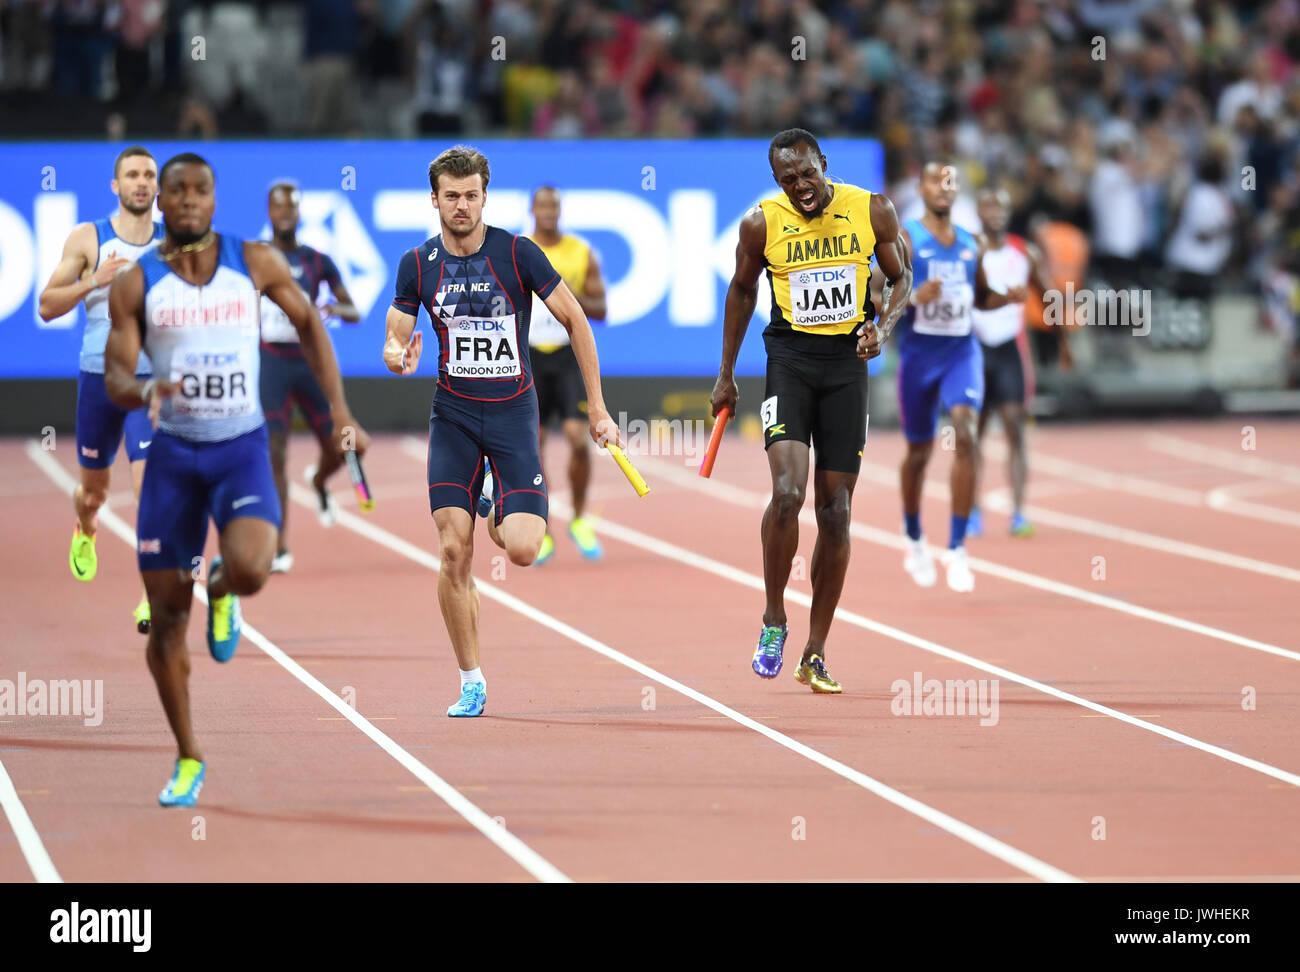 Londra, Regno Unito. 12 Agosto, 2017. Usain Bolt tirata feriti nella sua ultima gara mai, a 4x100 relè presso Immagini Stock